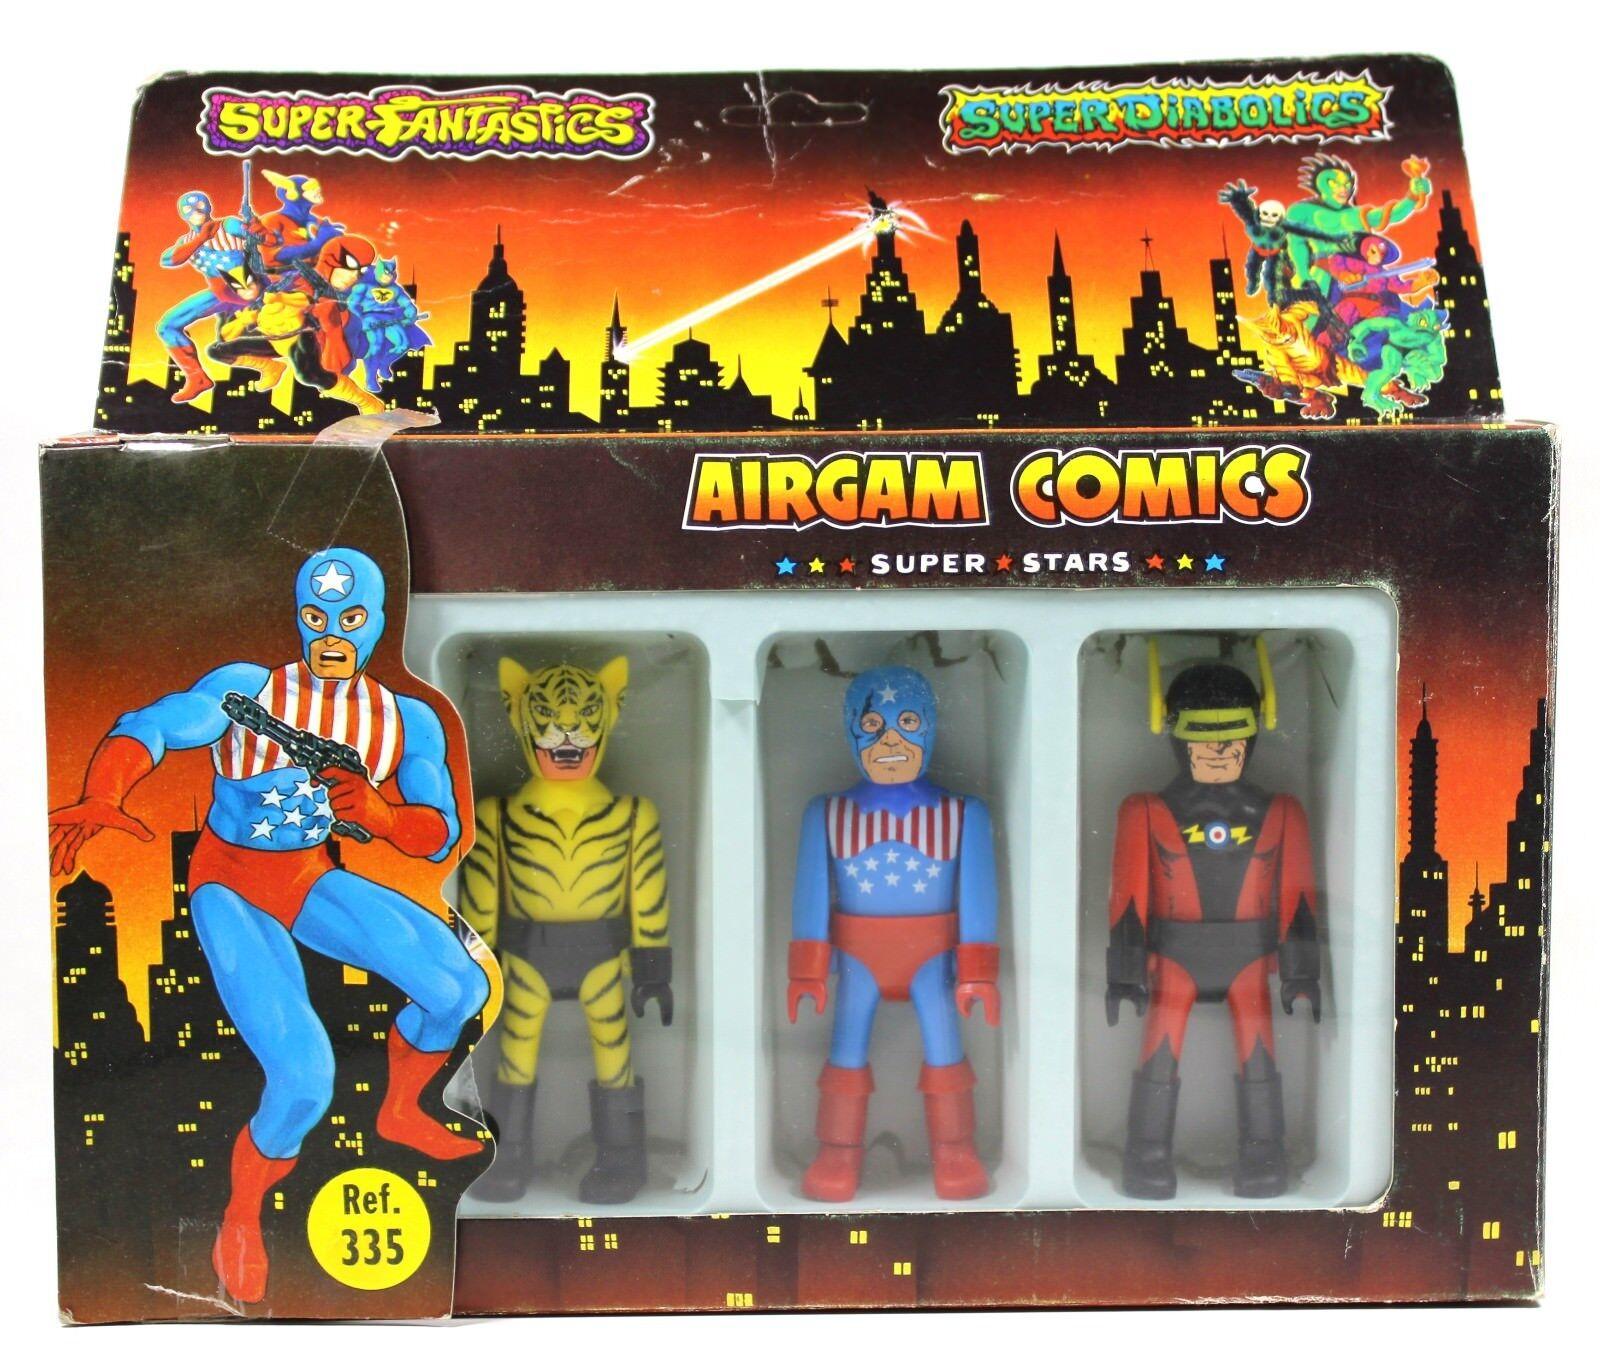 1985 Airgam Comics Super Stars CAPT. LASER, BAD TIGER & STARSMAN Airgamboys  2